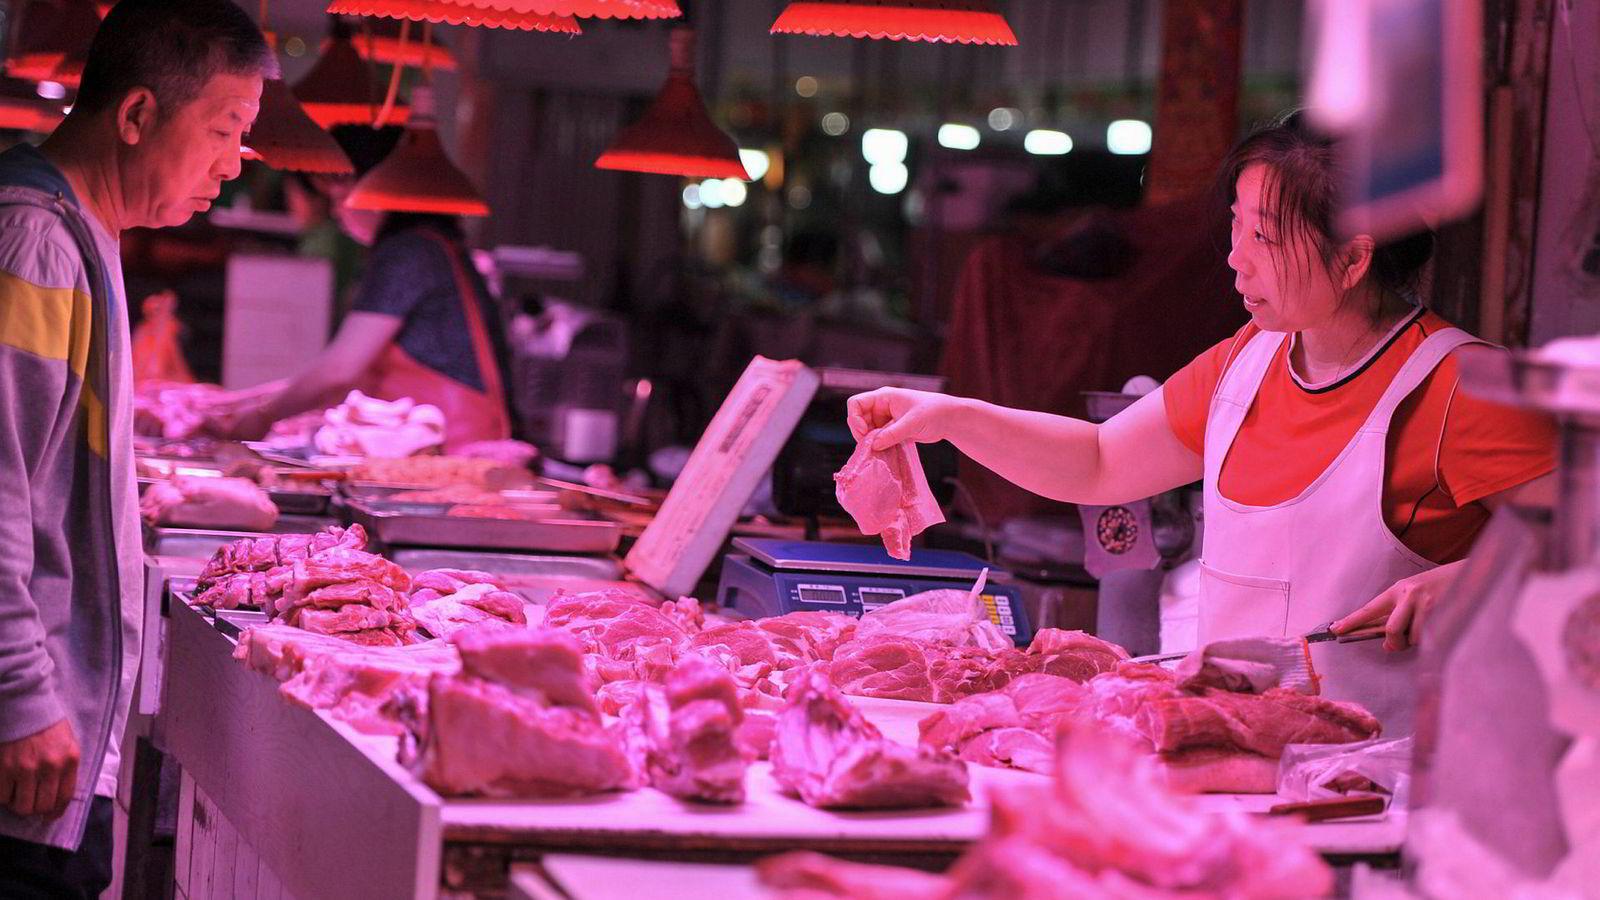 Kinesiske svineoppdrettere er rammet av afrikansk svinepest og dette har skapt høy prisvekst på matvarer. Sjeføkonomen i den sveitsiske storbanken UBS er i hardt vær etter han forsøkte å forklare konsekvensene.